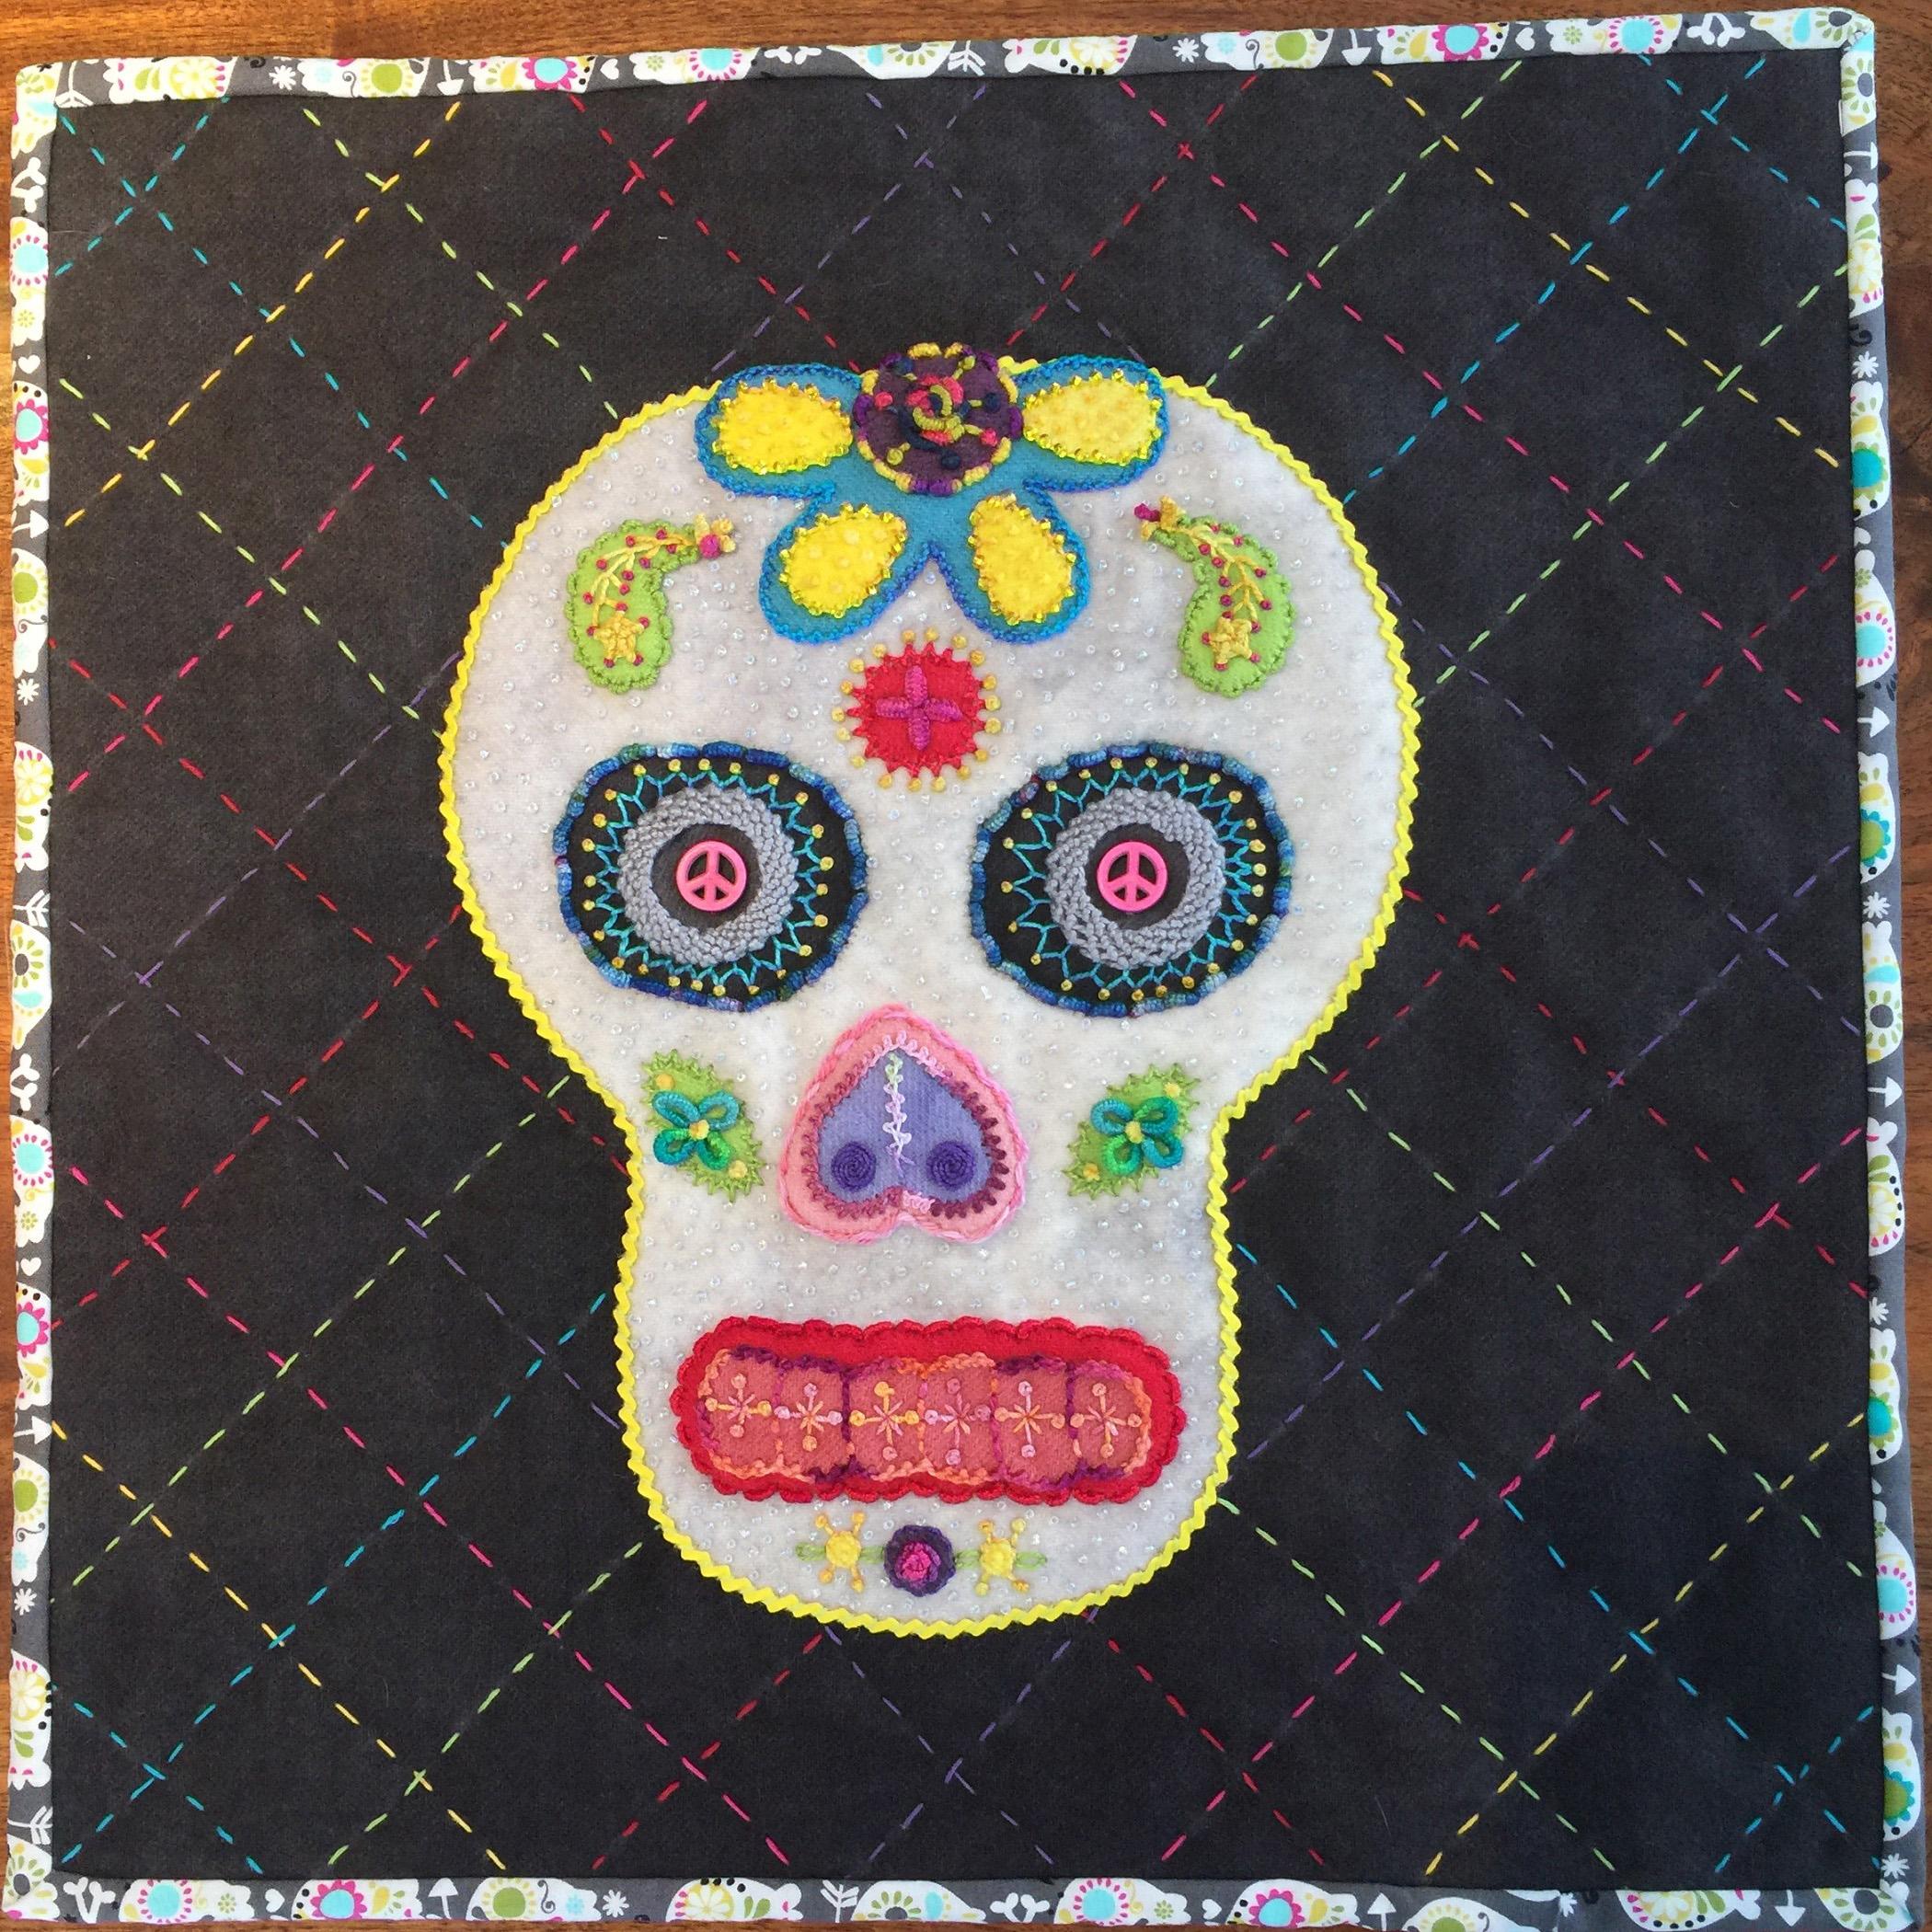 <em>Sugar Skull Study 2</em>, Mary Whittaker, Orlando, FL